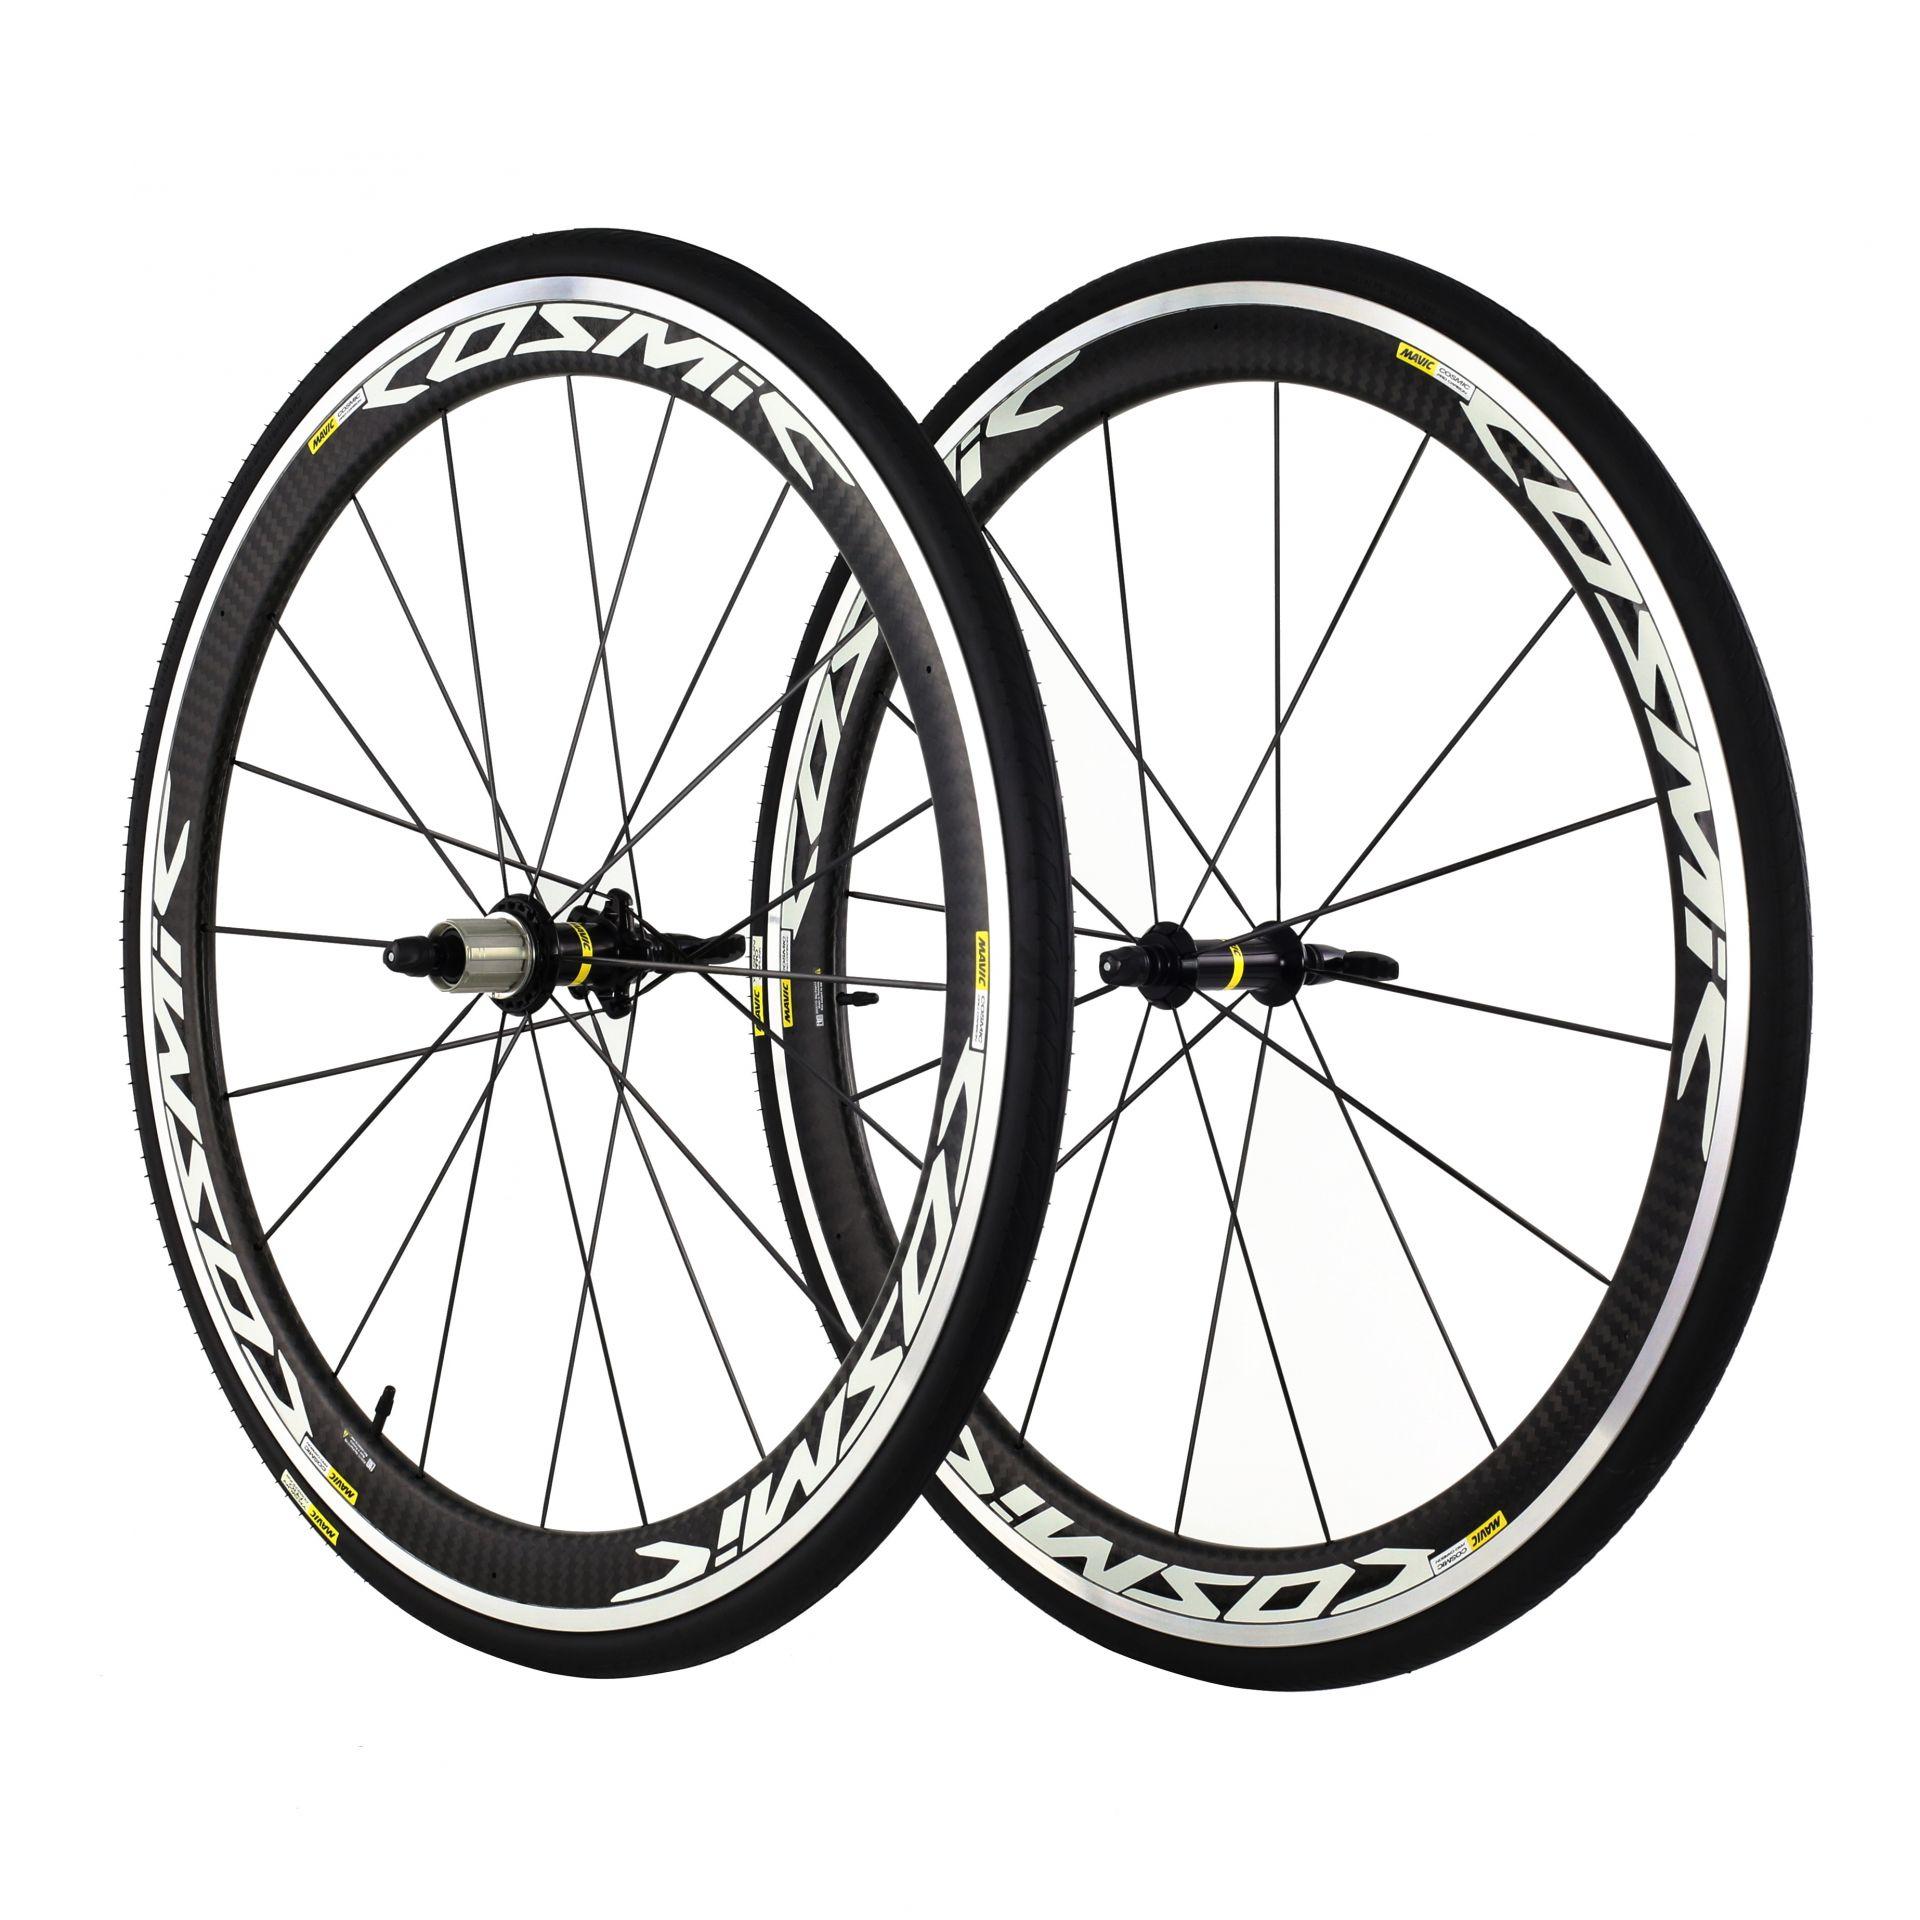 Paire de roues Mavic Cosmic Pro Carbon Shim. 11V '17 Carbone/Blanc